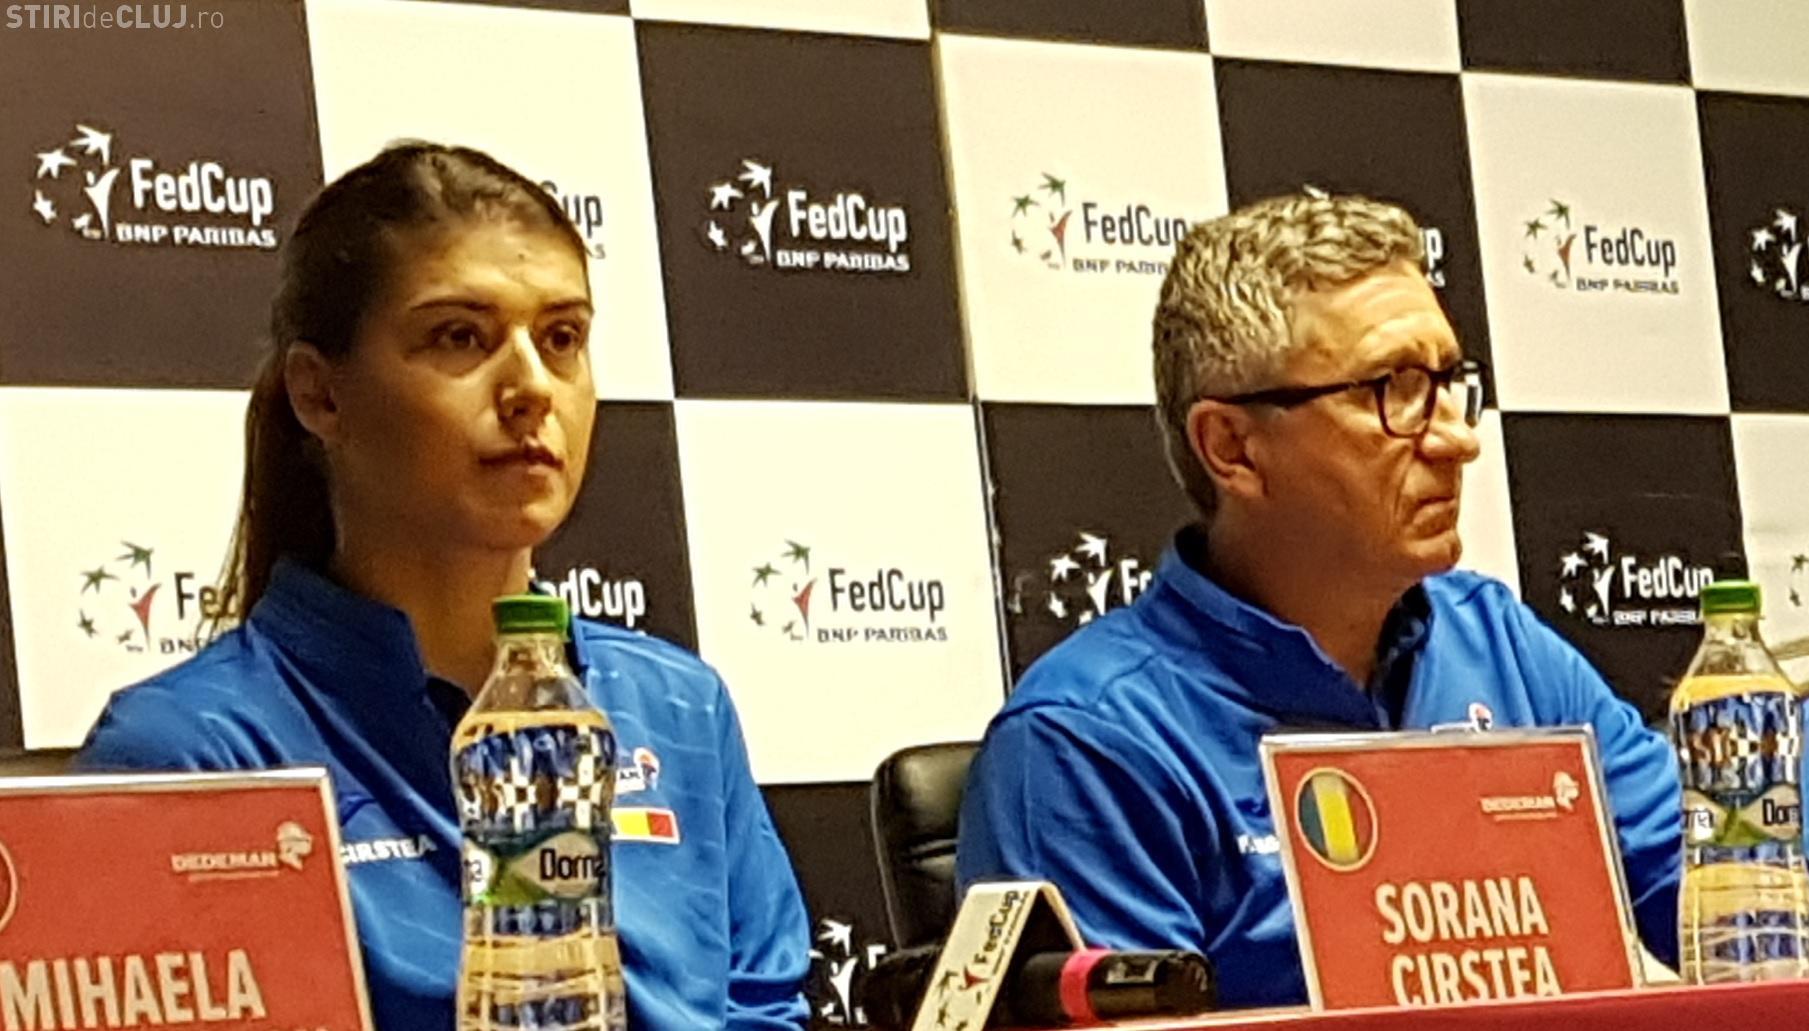 Cluj: Sorana Cîrstea, FURIOASĂ pentru că nu joacă la Fed Cup